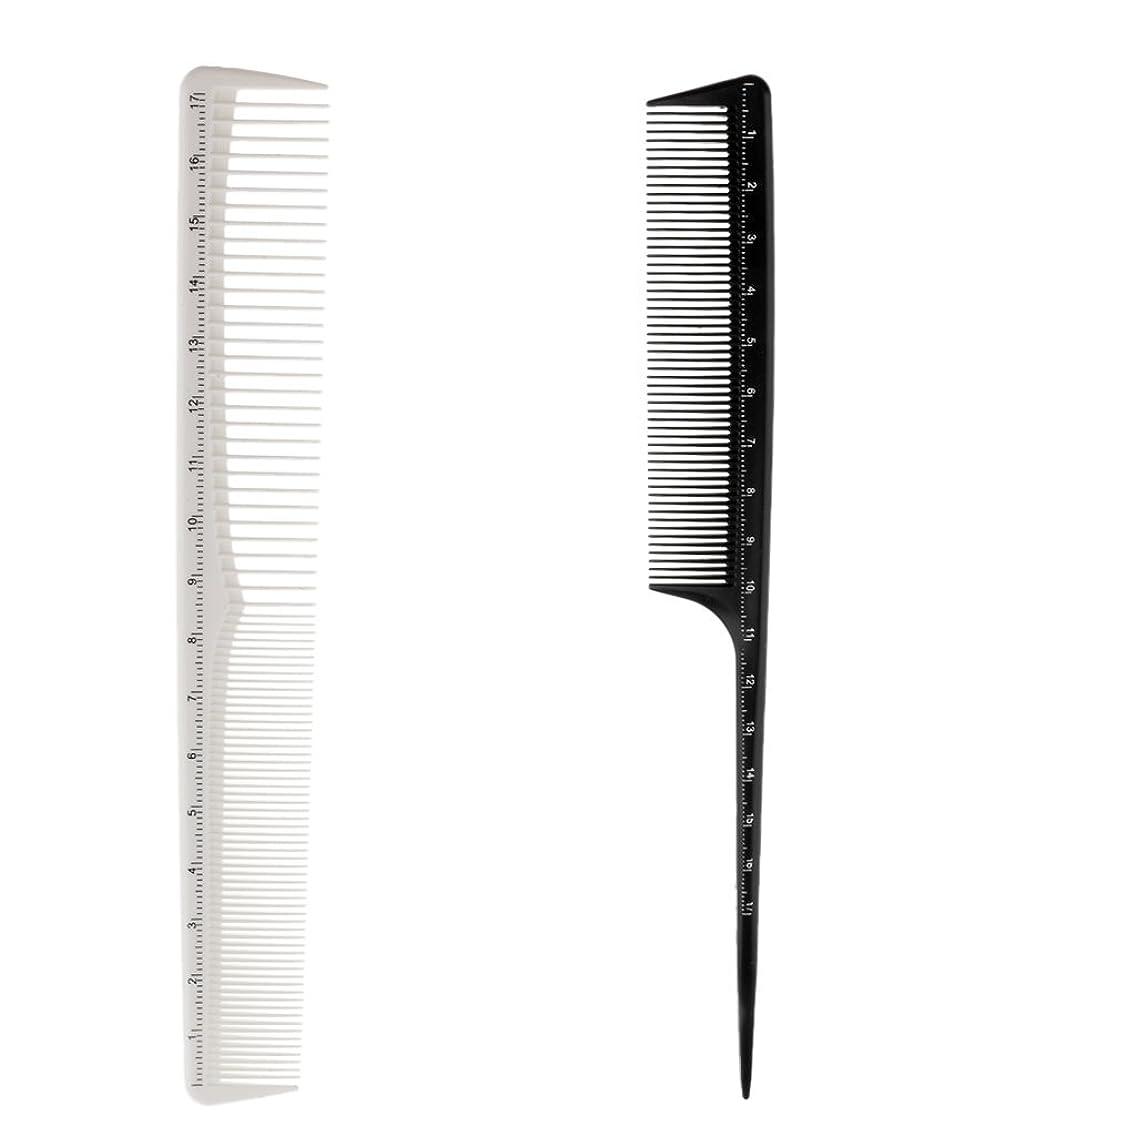 規則性マナーピカリングKesoto 2個 ヘアカットコーム プロ ヘアブラシ ヘアコーム 櫛 コーム ヘアケア ヘアスタイリング 樹脂製 理髪師